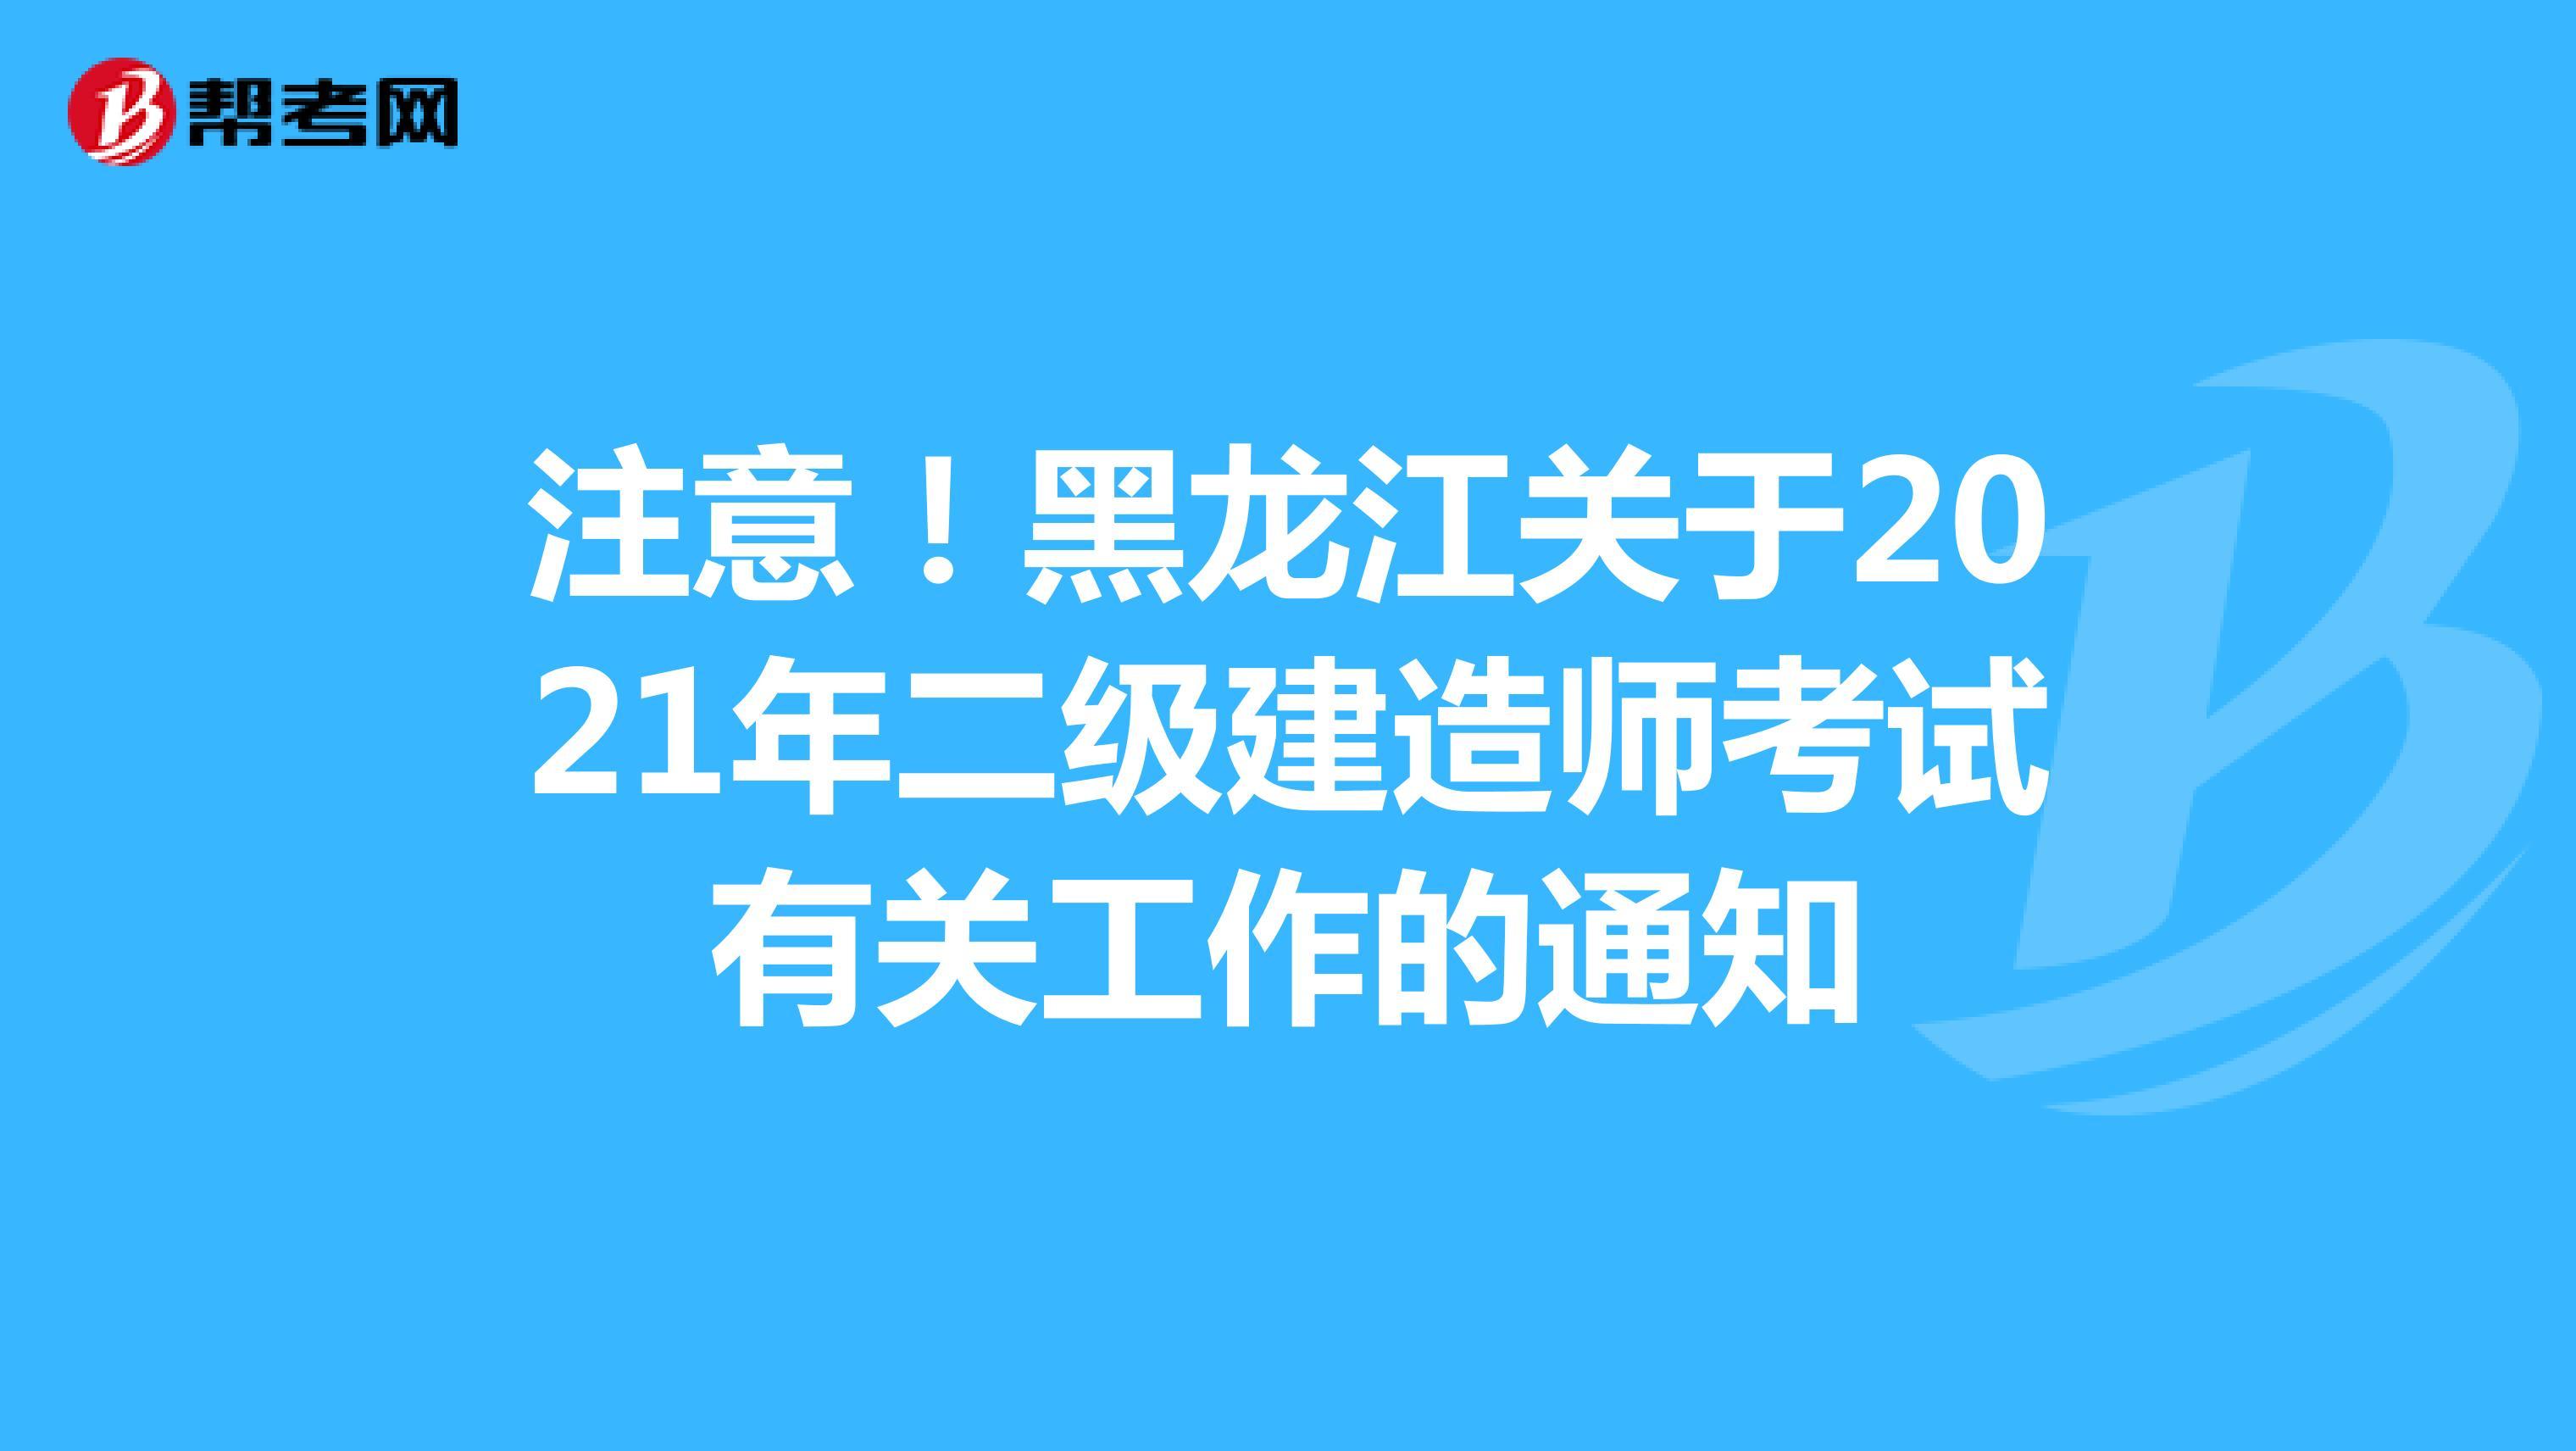 注意!黑龙江关于2021年二级建造师考试有关工作的通知